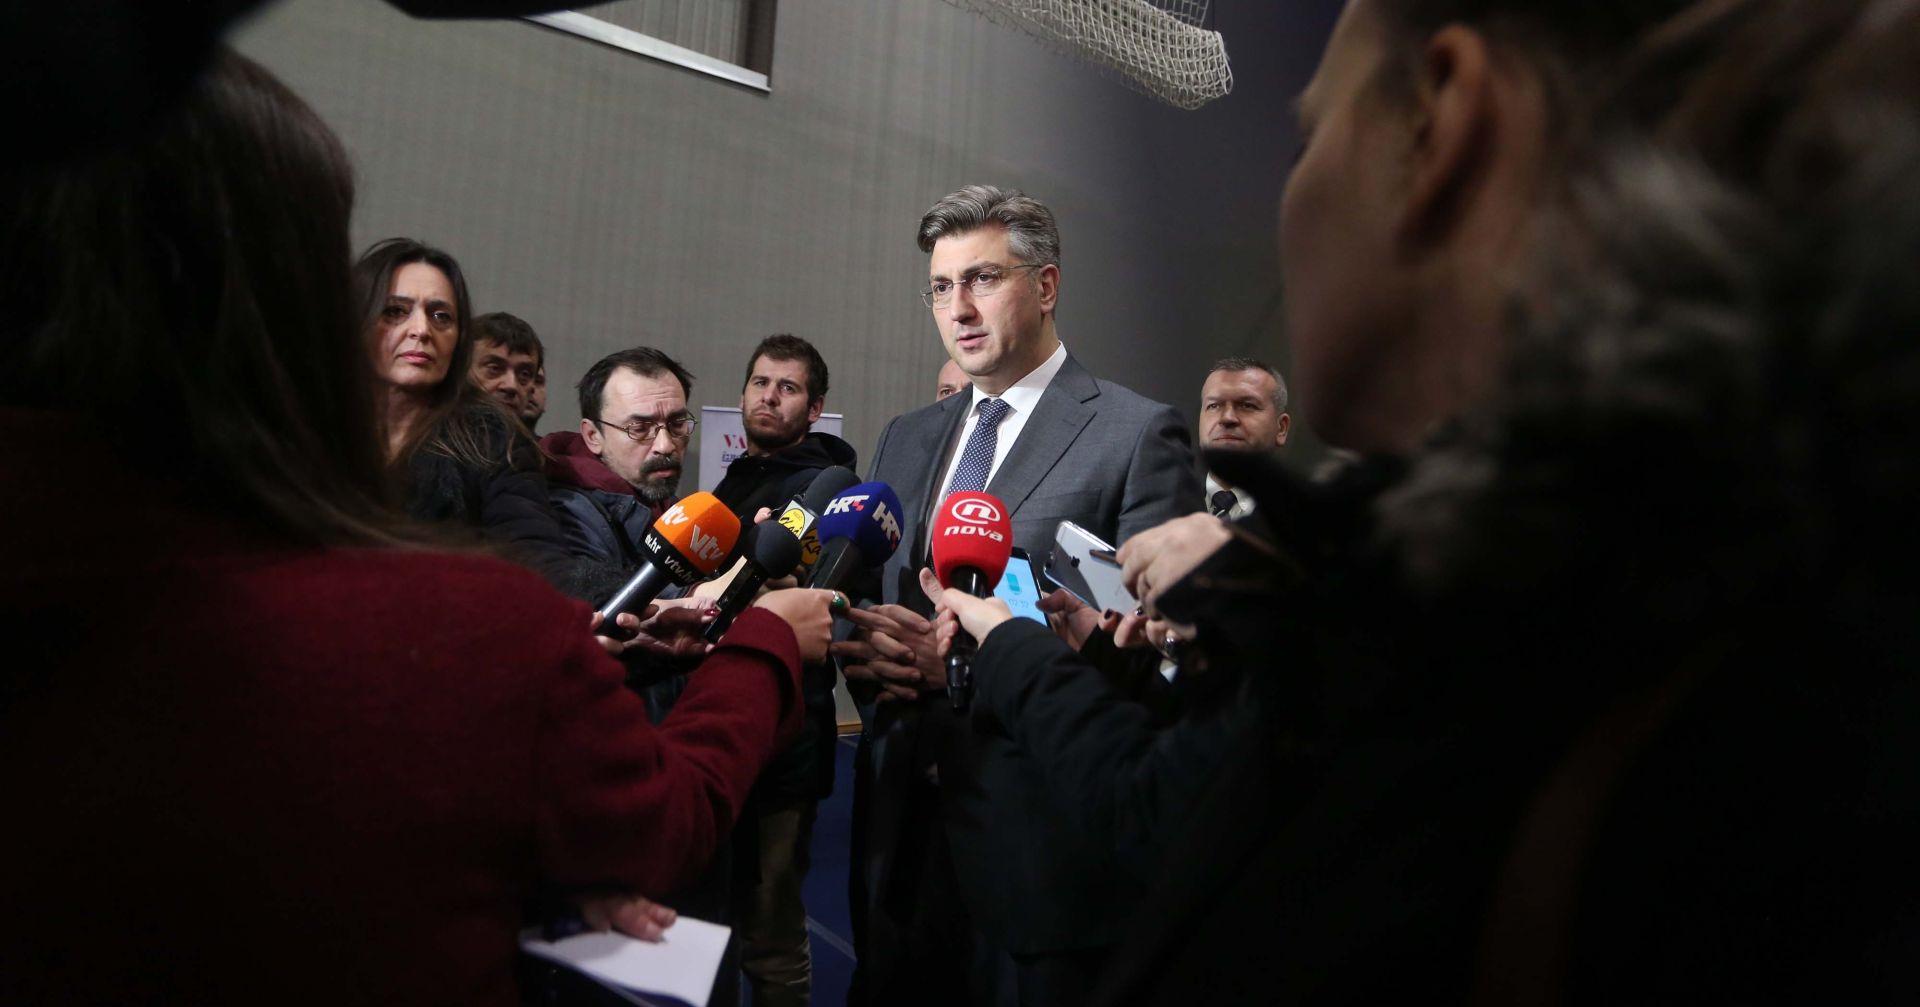 CRODEMOSKOP: HDZ zadržao veliku prednost ispred SDP-a, Most i Živi zid izjednačeni